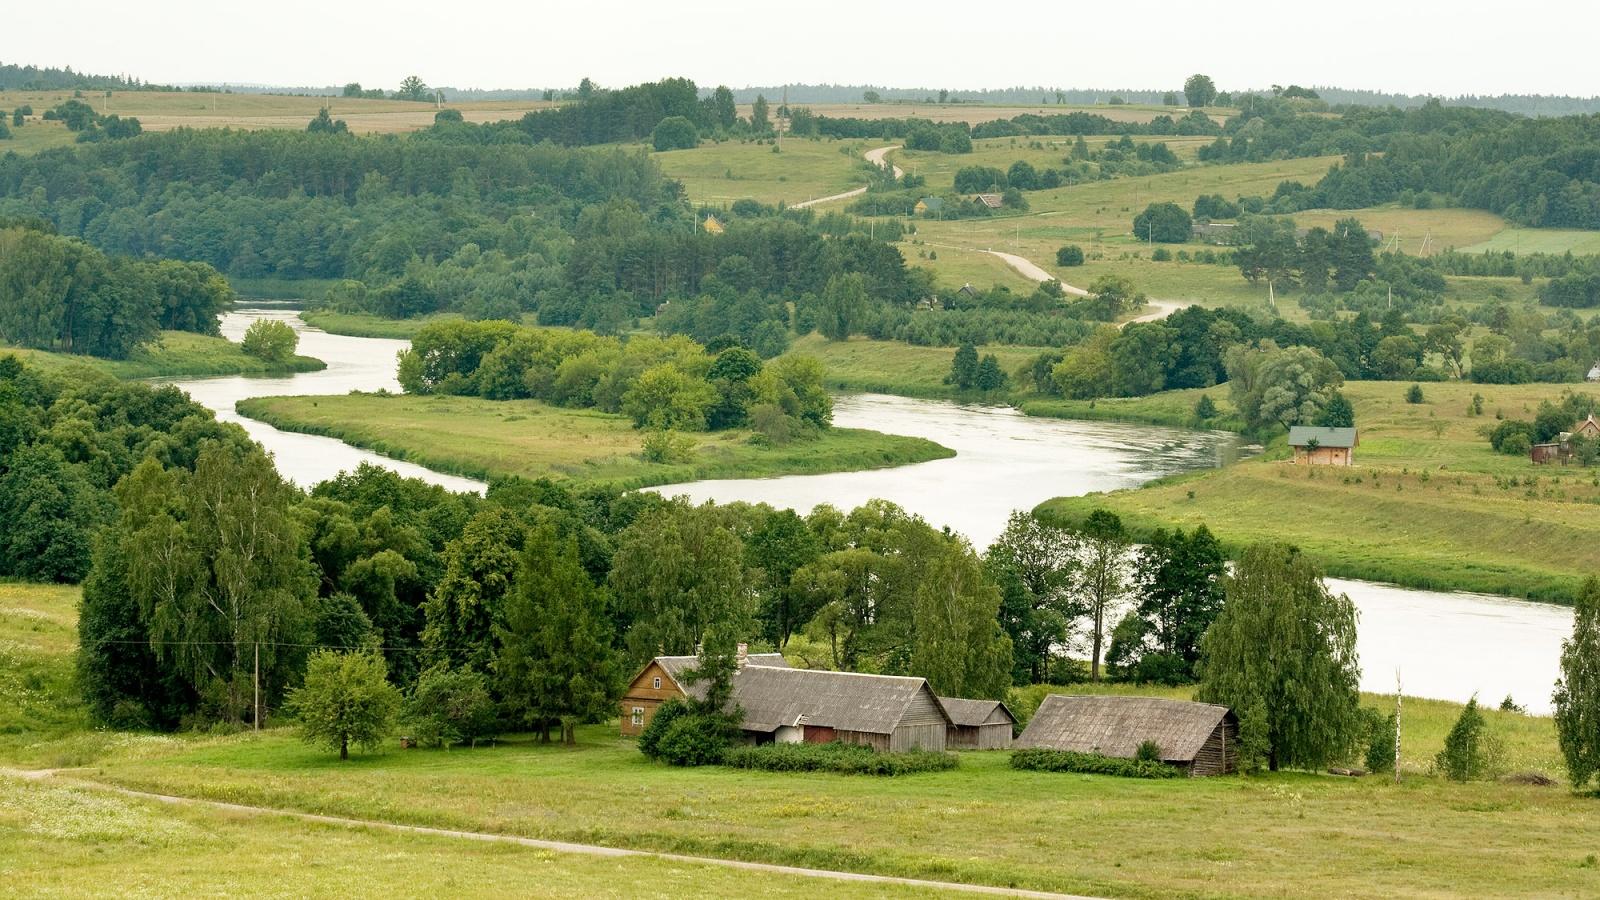 Топ-5 обязательных к посещению достопримечательностей Литвы